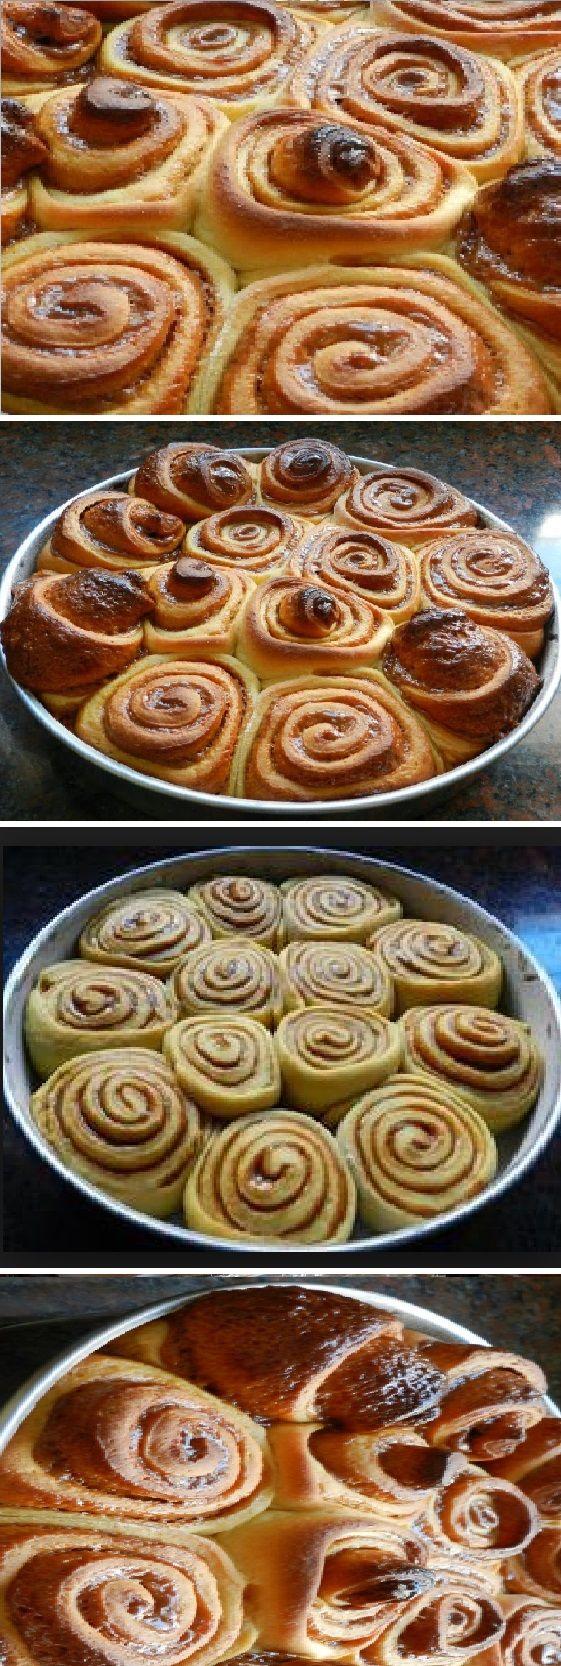 Realiza en casa esta Torta de los 80 golpes una Húngara Perfecta y Rica La mejor del mundo!  #80golpes #80 #hungary #perfect  #lamejor #pan #panfrances #pantone #panes #pantone #pan #receta #recipe #casero #torta #tartas #pastel #nestlecocina #bizcocho #bizcochuelo #tasty #cocina #chocolate   Si te gusta dinos HOLA y dale a Me Gusta MIREN …